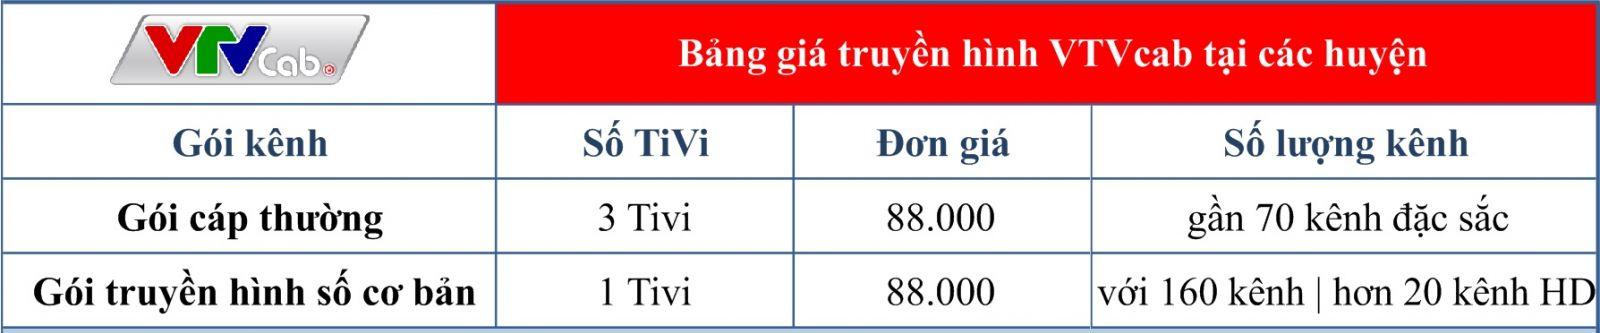 Lắp Đặt Truyền hình cáp Việt Nam VTVcab HD tại các huyện Đồng Nai